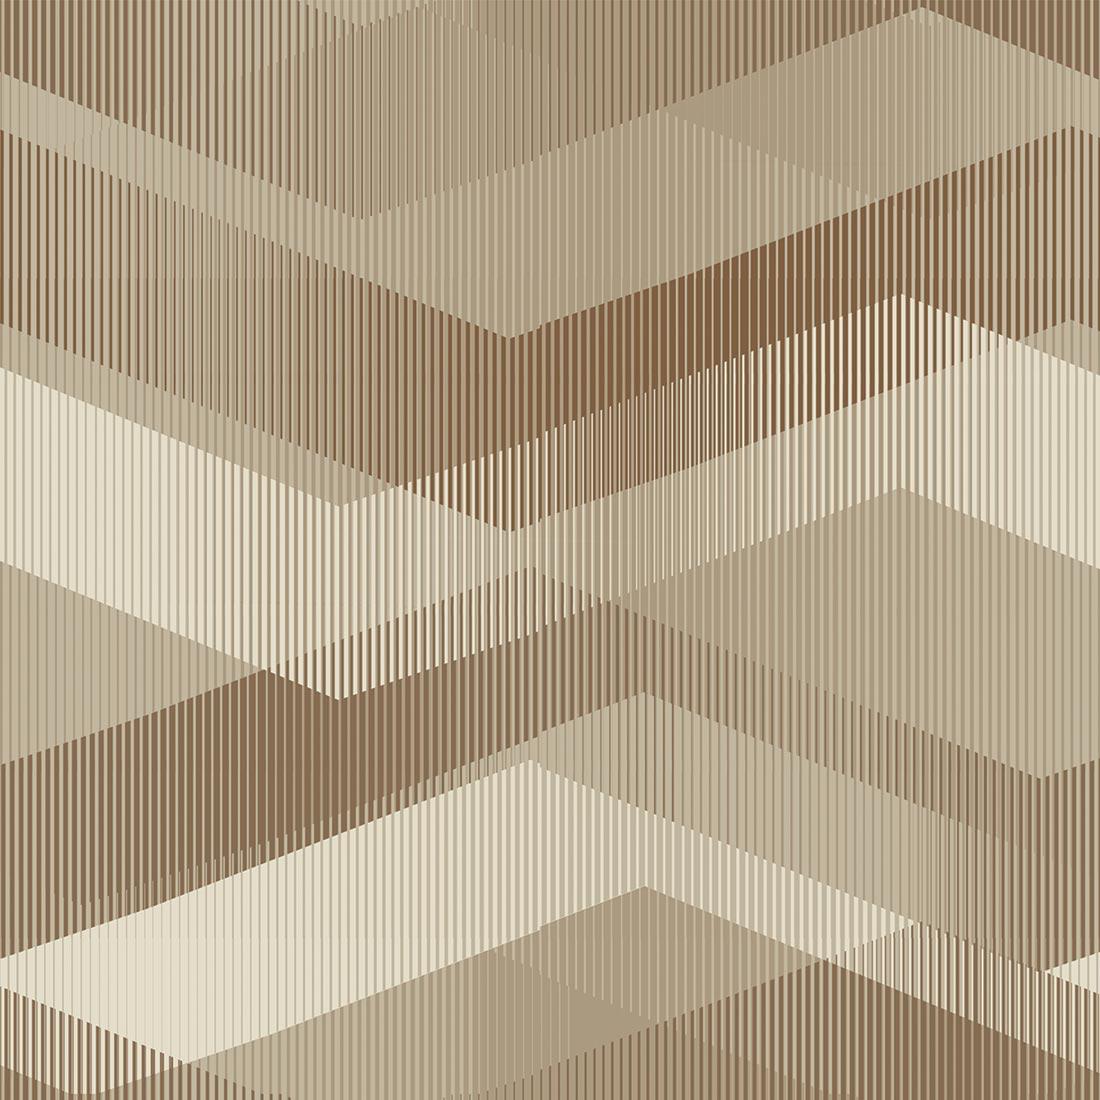 444f9c3b2 Promoção em papel de parede efeito tons marrons elo jpg 1100x1100 Tons  marrom textura papel de